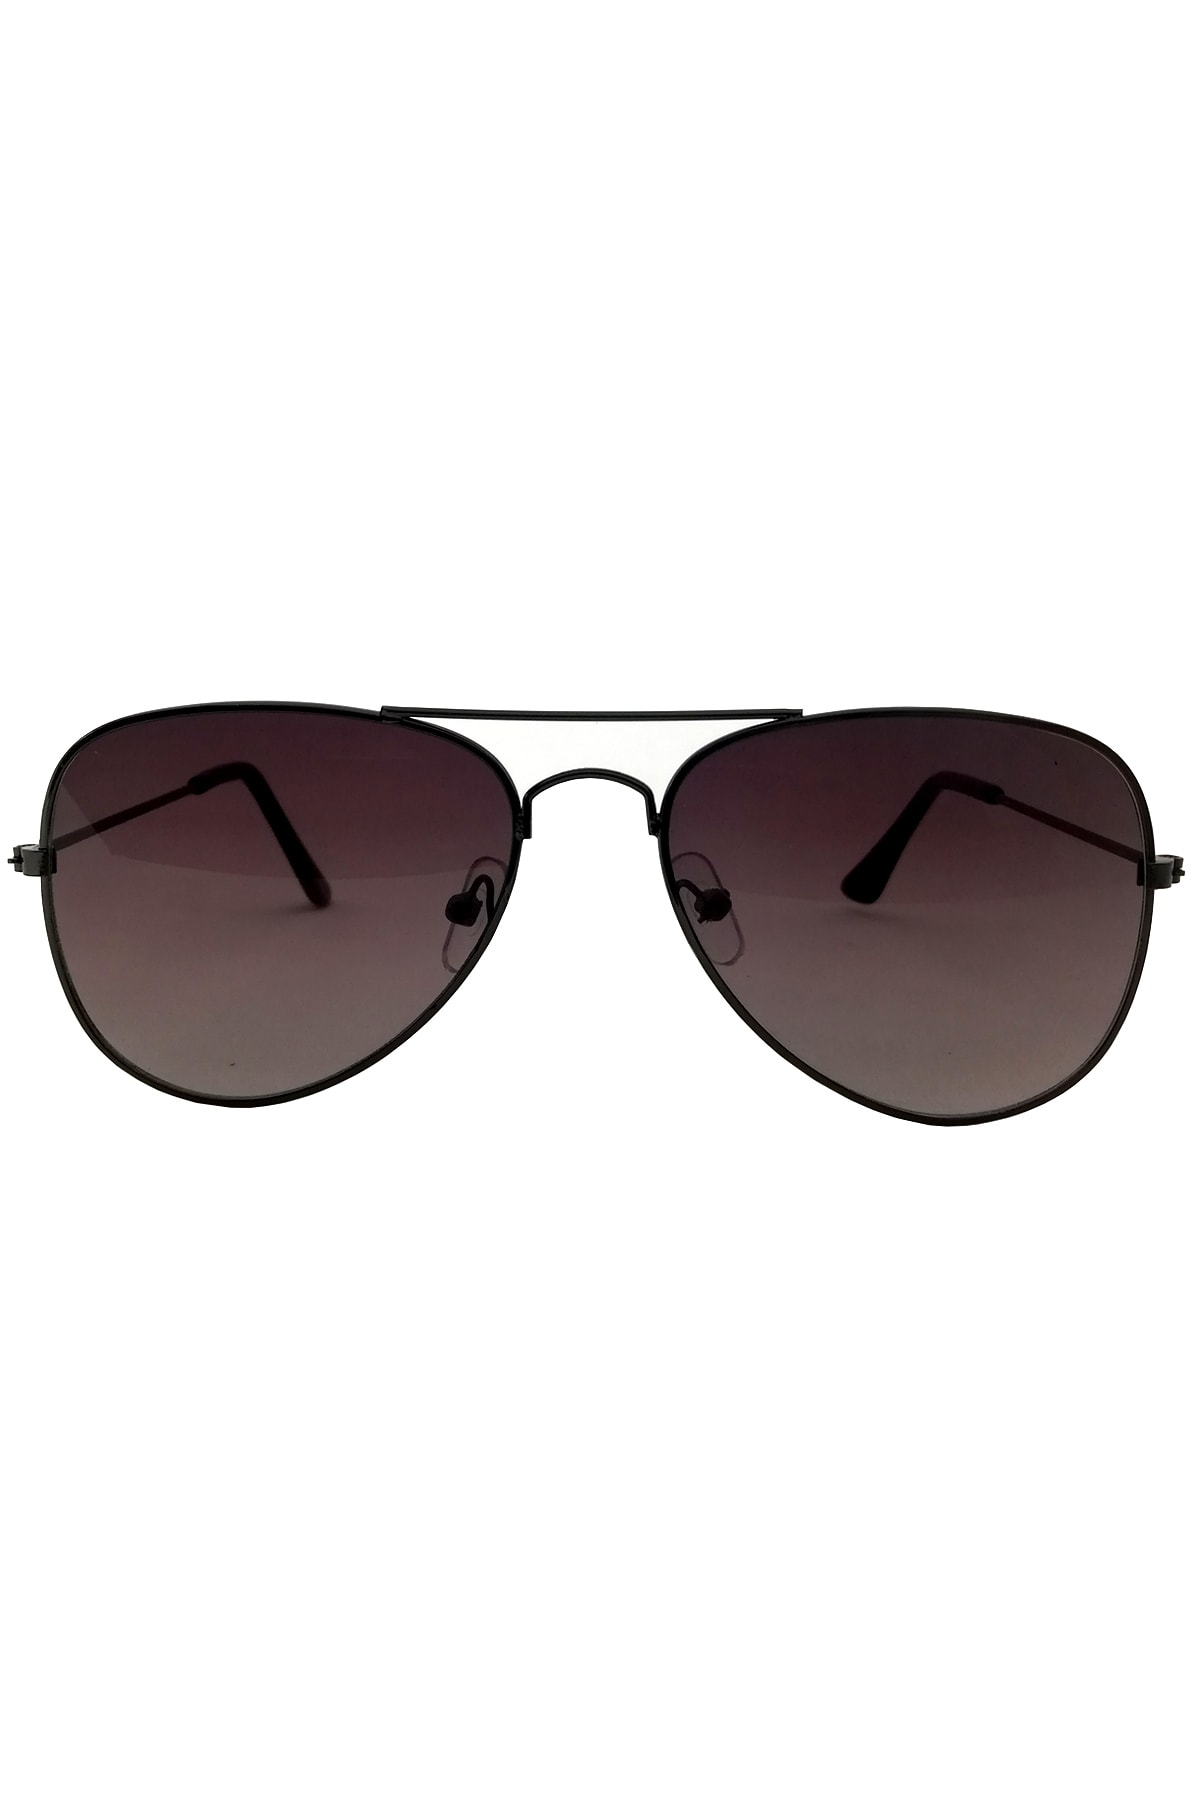 عینک آفتابی دخترانه خاص برند sezerekspres رنگ مشکی کد ty97464290